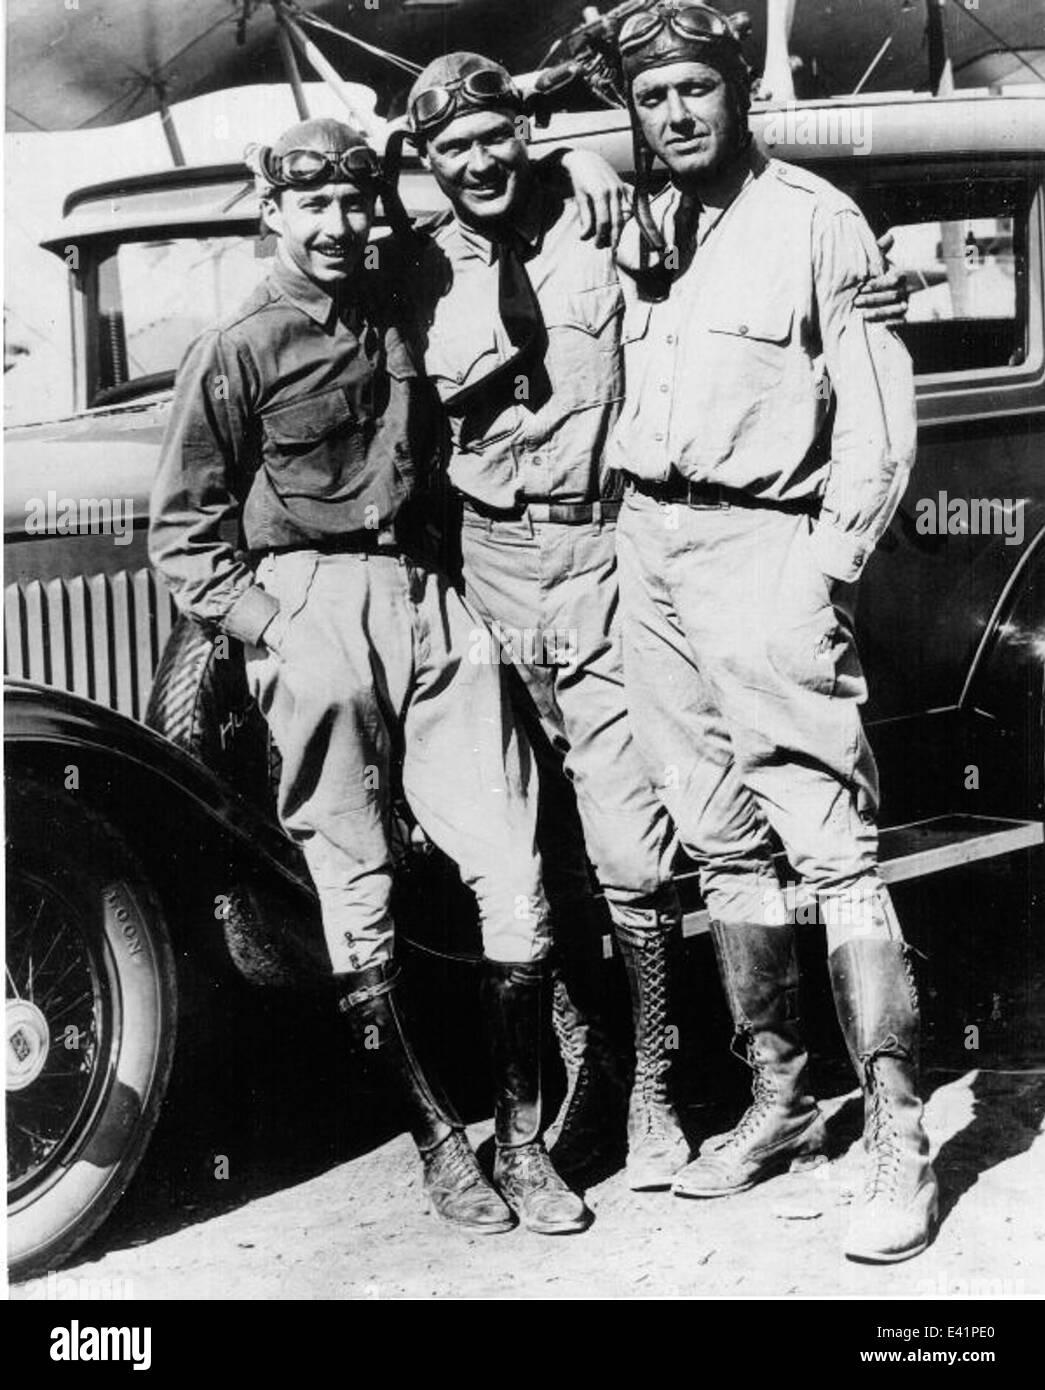 Sea Hawks aerobatic team 1928 - Stock Image